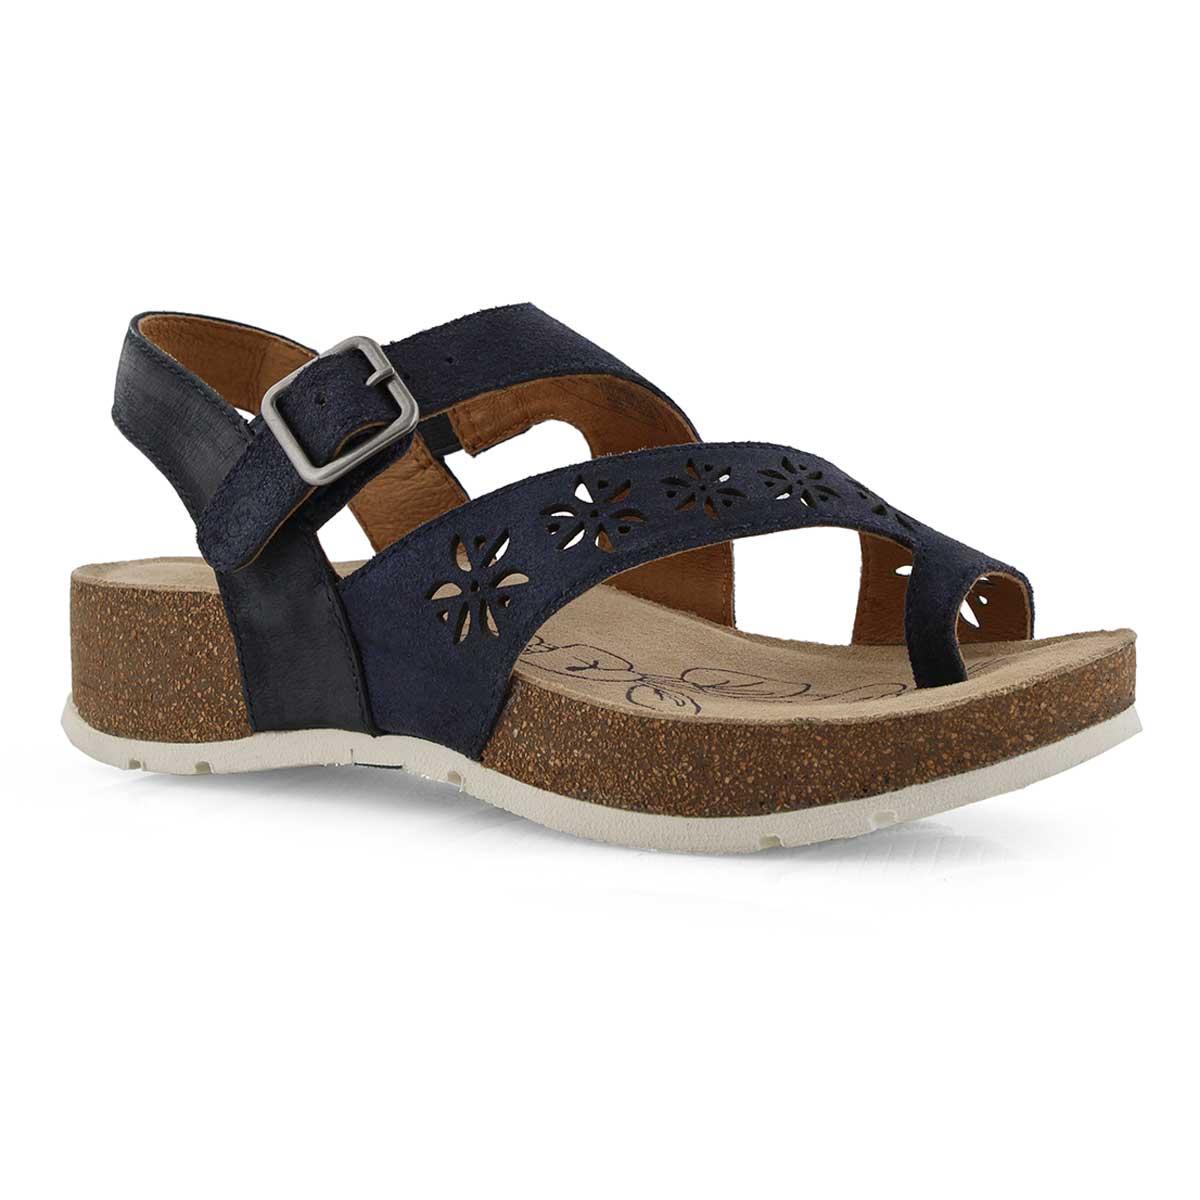 Lds Tilda 05 ocean toe post sandal